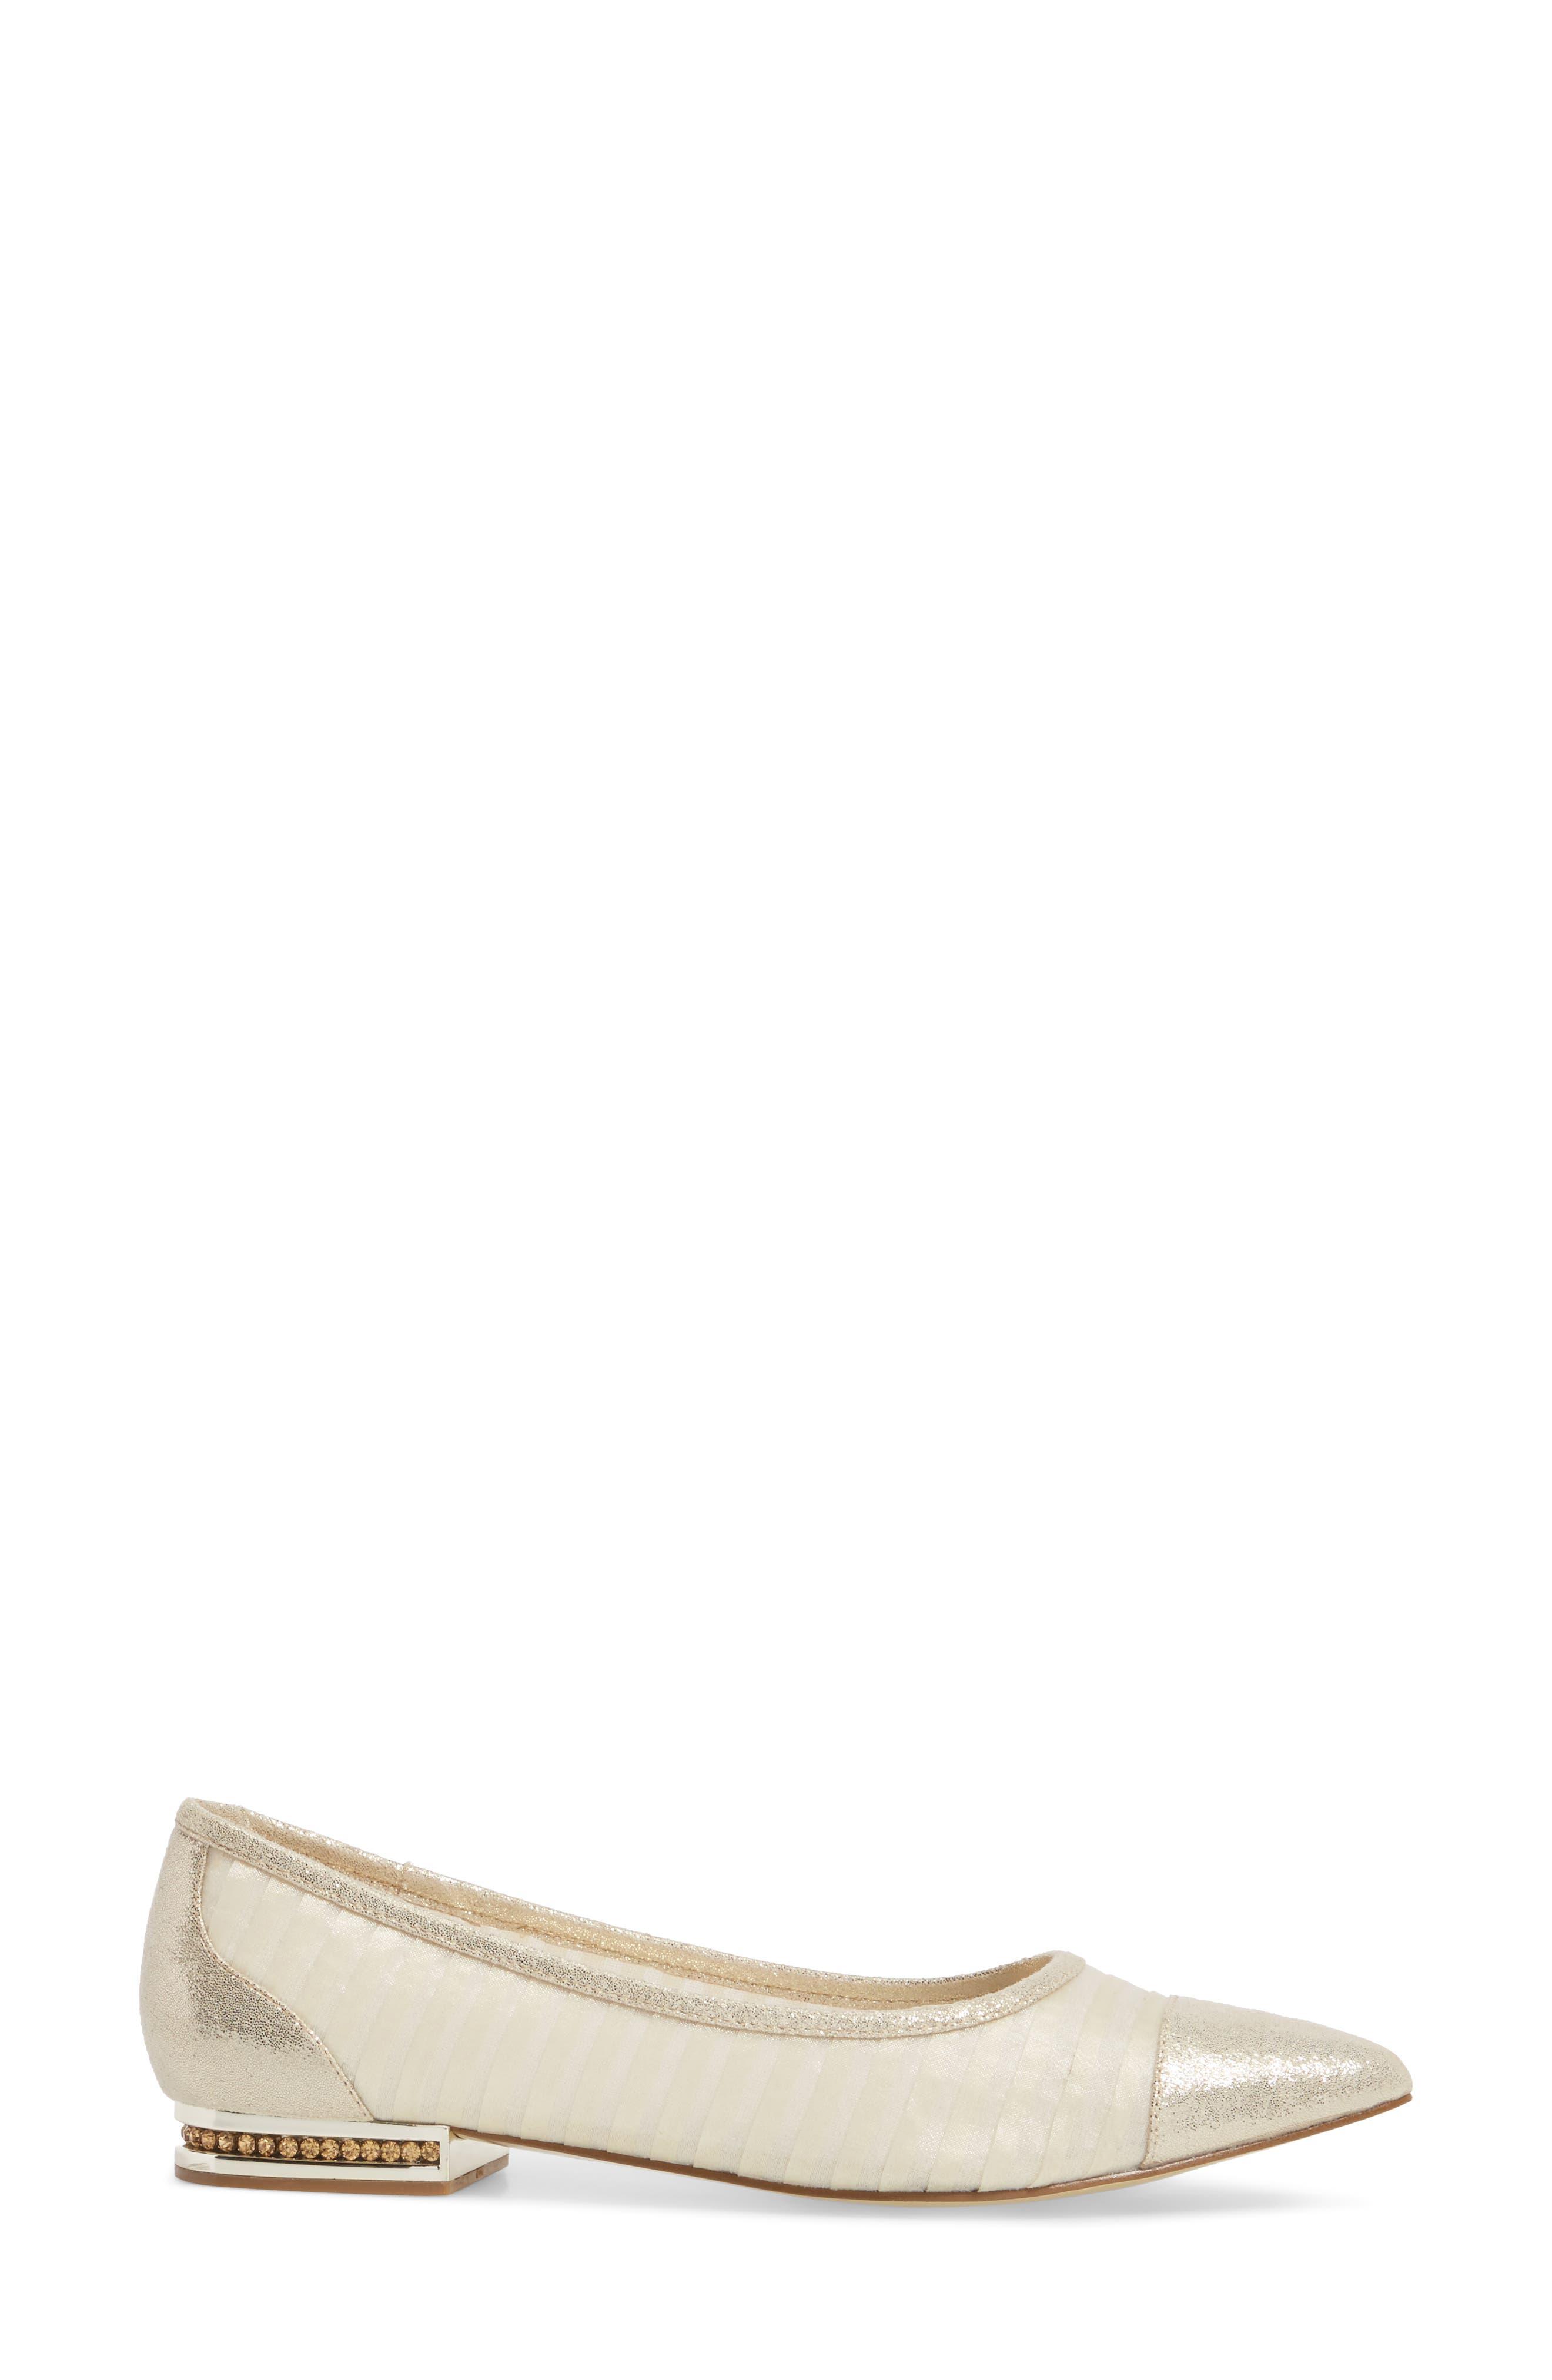 Alternate Image 3  - Adrianna Papell Tiffany Pointy Toe Flat (Women)